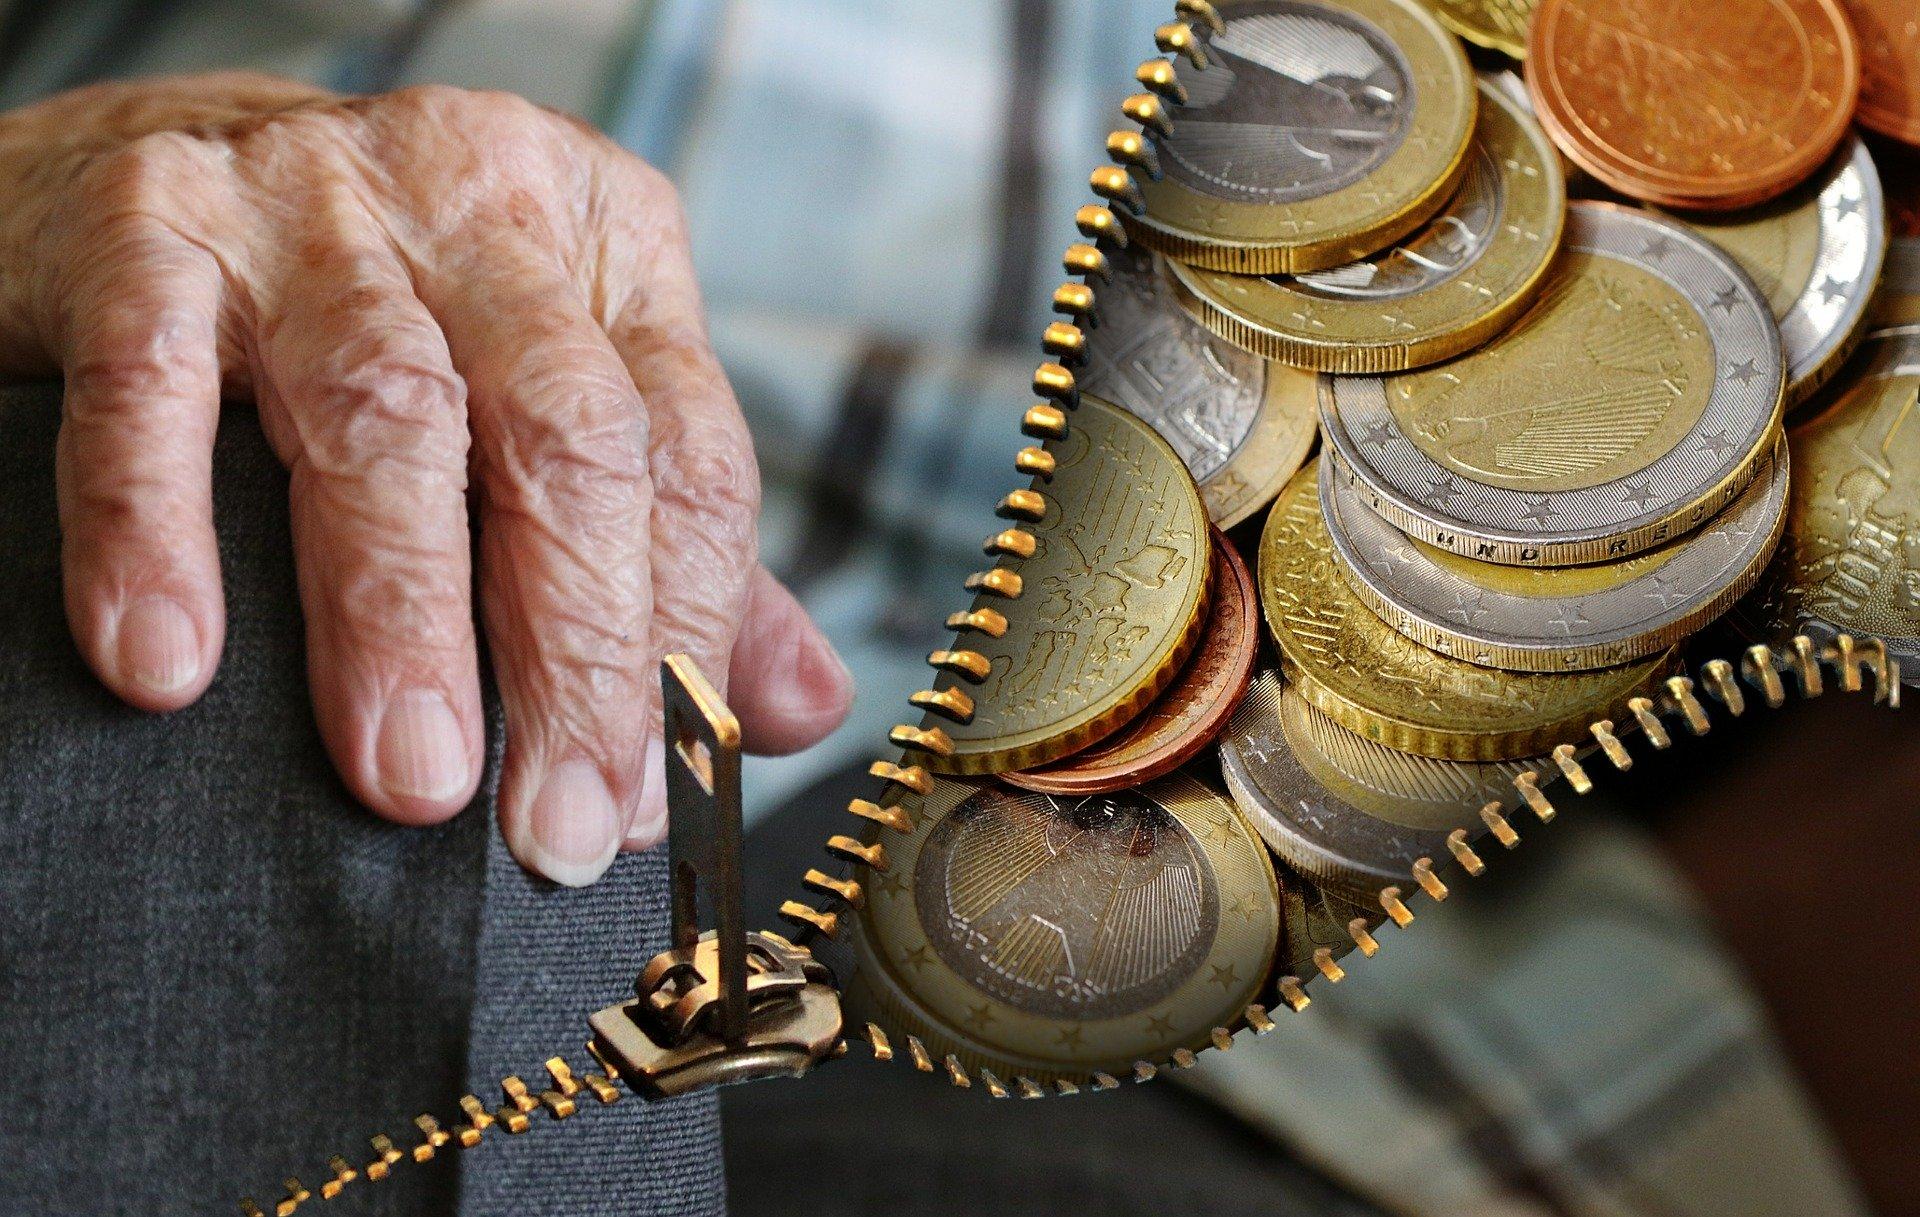 SINDICATUL PENSIONARILOR: Când ne va acoperi pensia coșul minim de cumpărături?